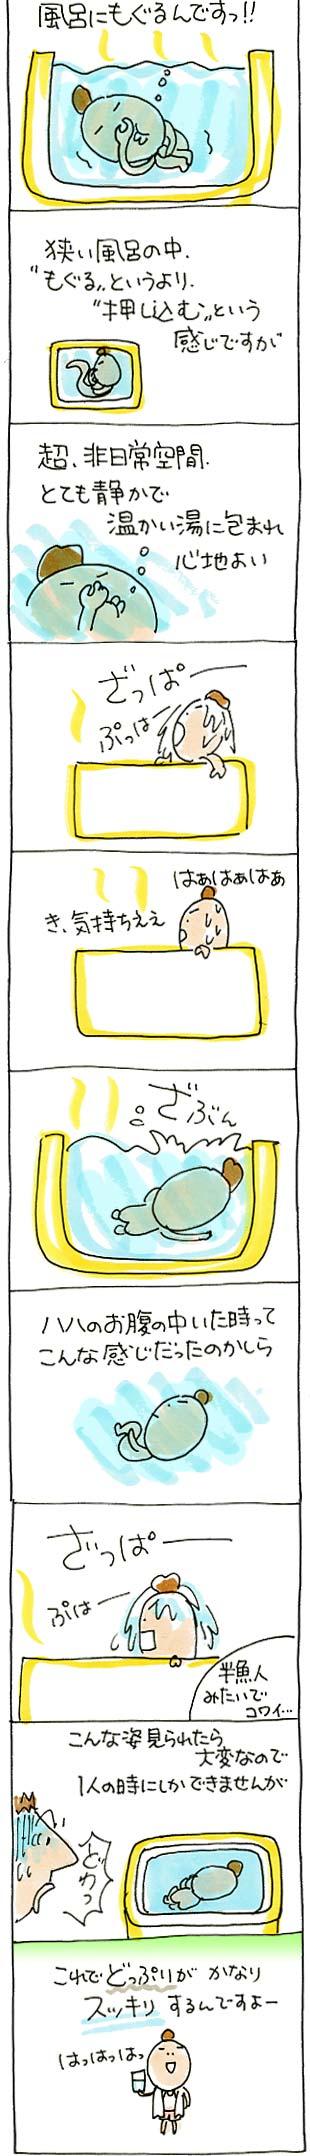 風呂に潜る2